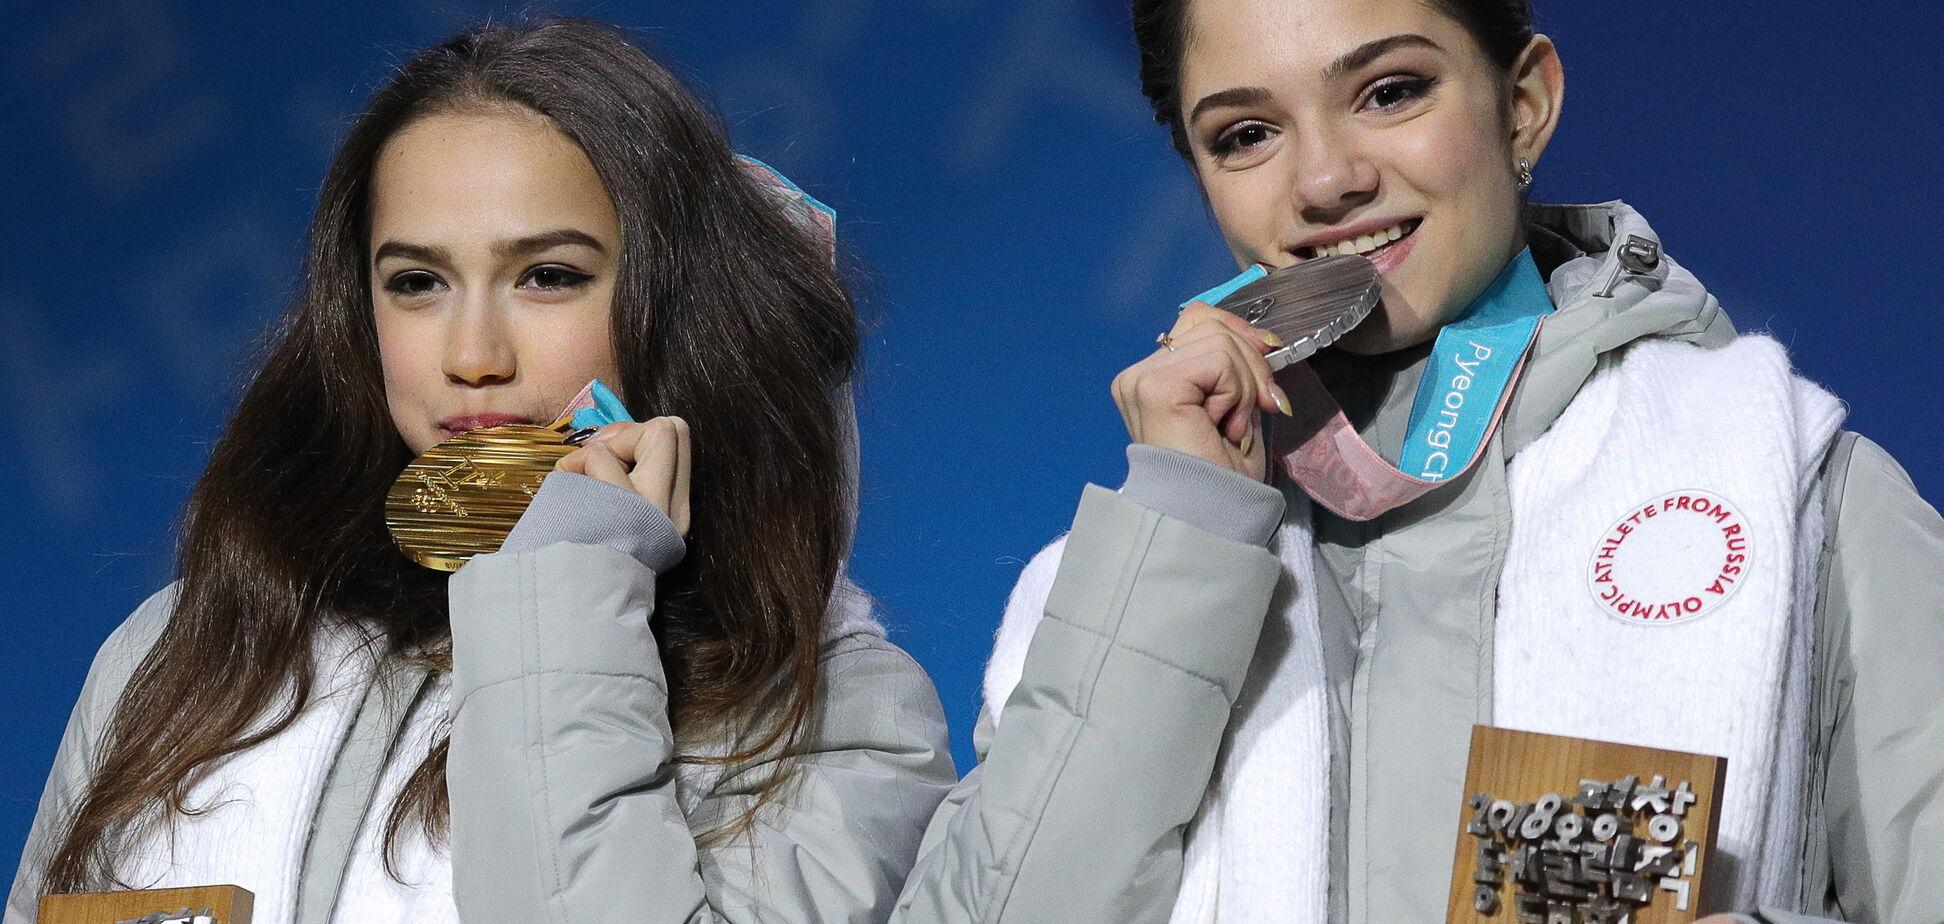 Кидалово дня: у Росії ганебно обдурили призерів Олімпіади-2018